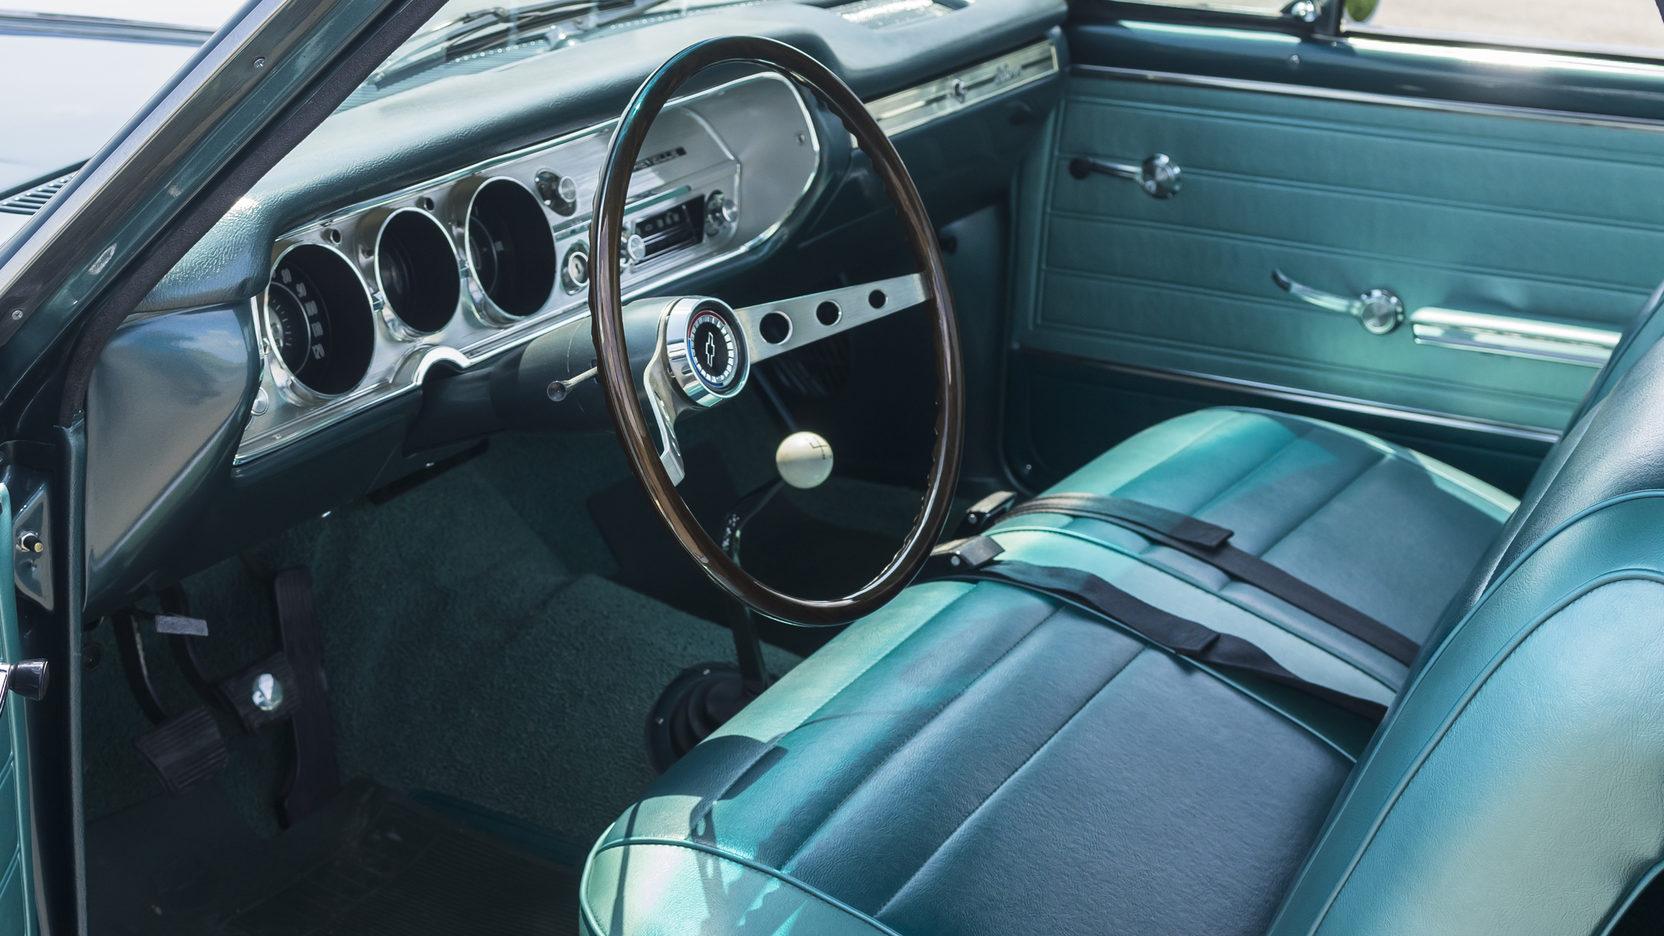 1965 Chevrolet El Camino interior